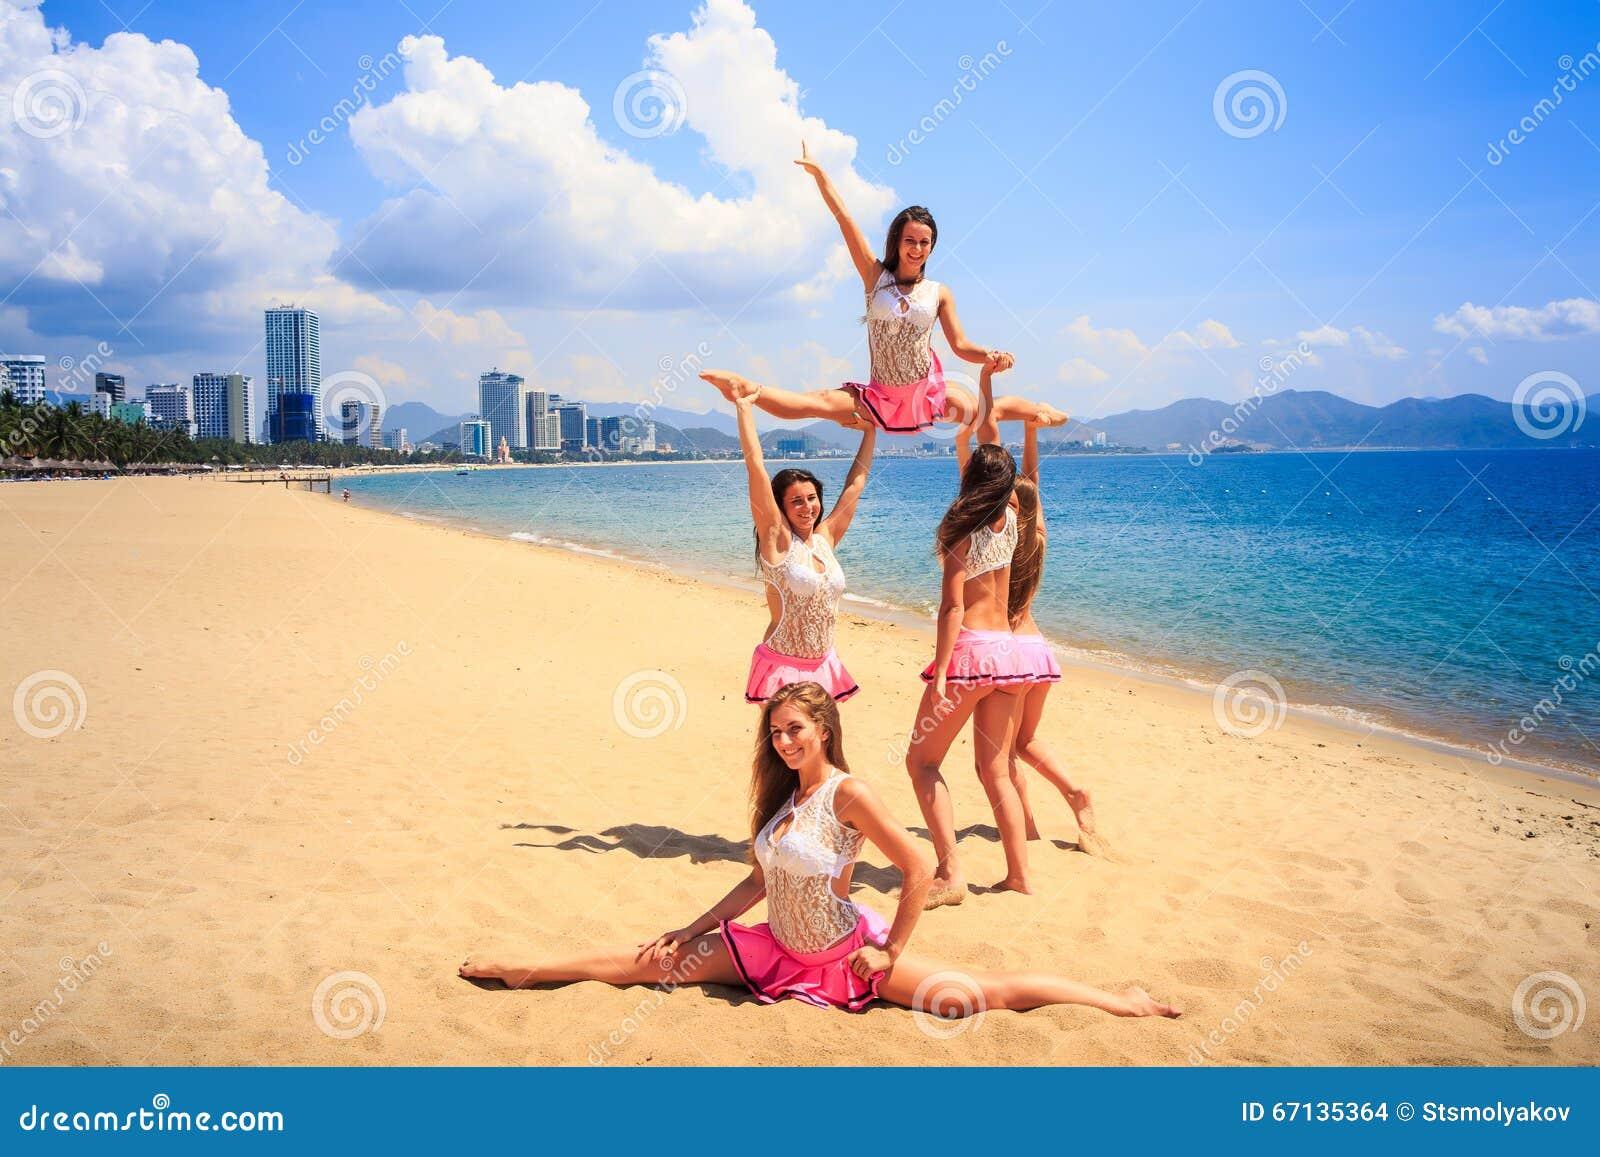 Cheerleaders perform High Straddle Stunt on beach against sea